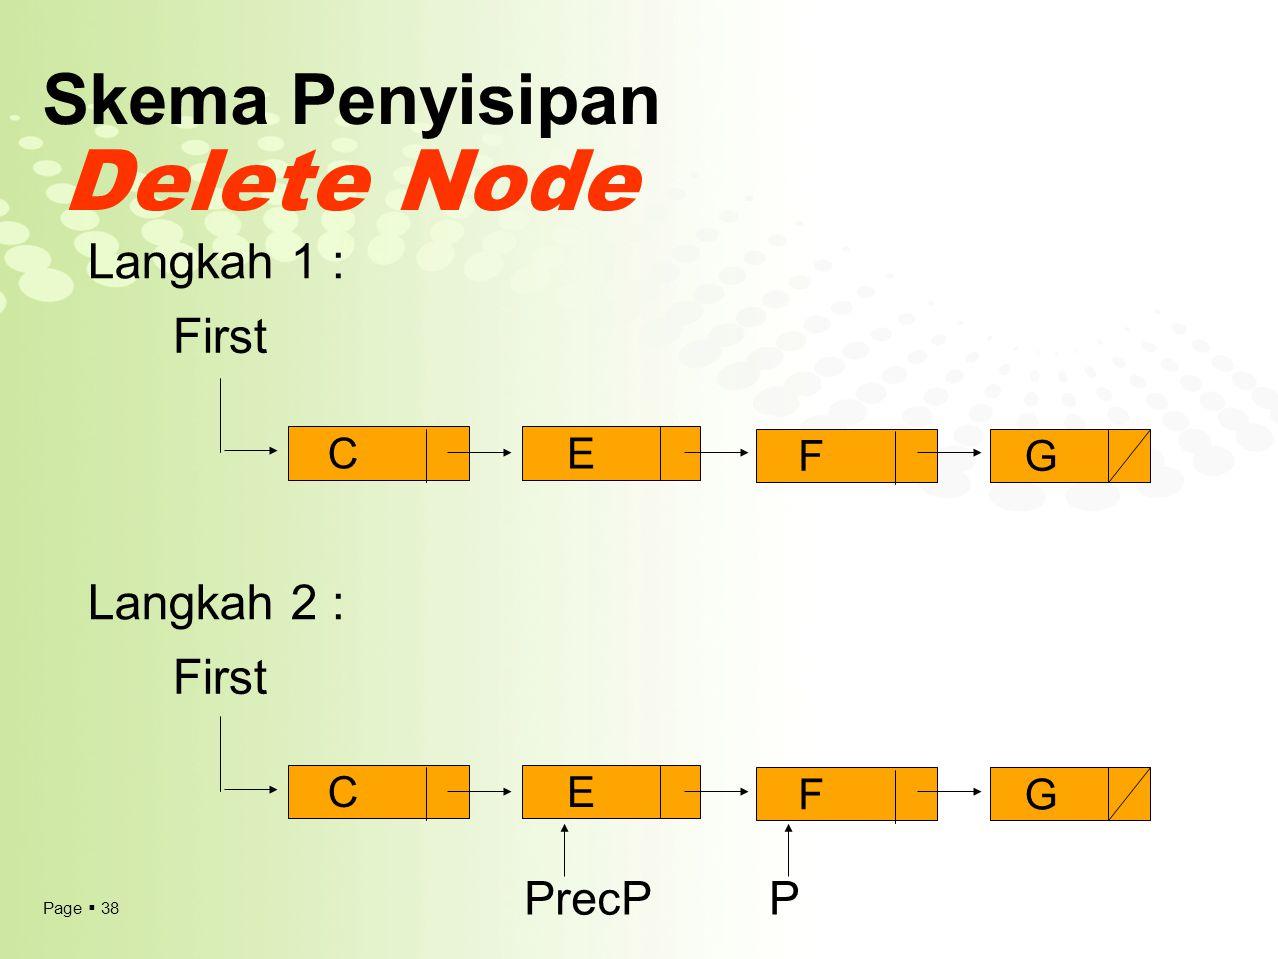 Page  38 Skema Penyisipan Delete Node First Langkah 1 : Langkah 2 : CE FG CE FG PrecPP